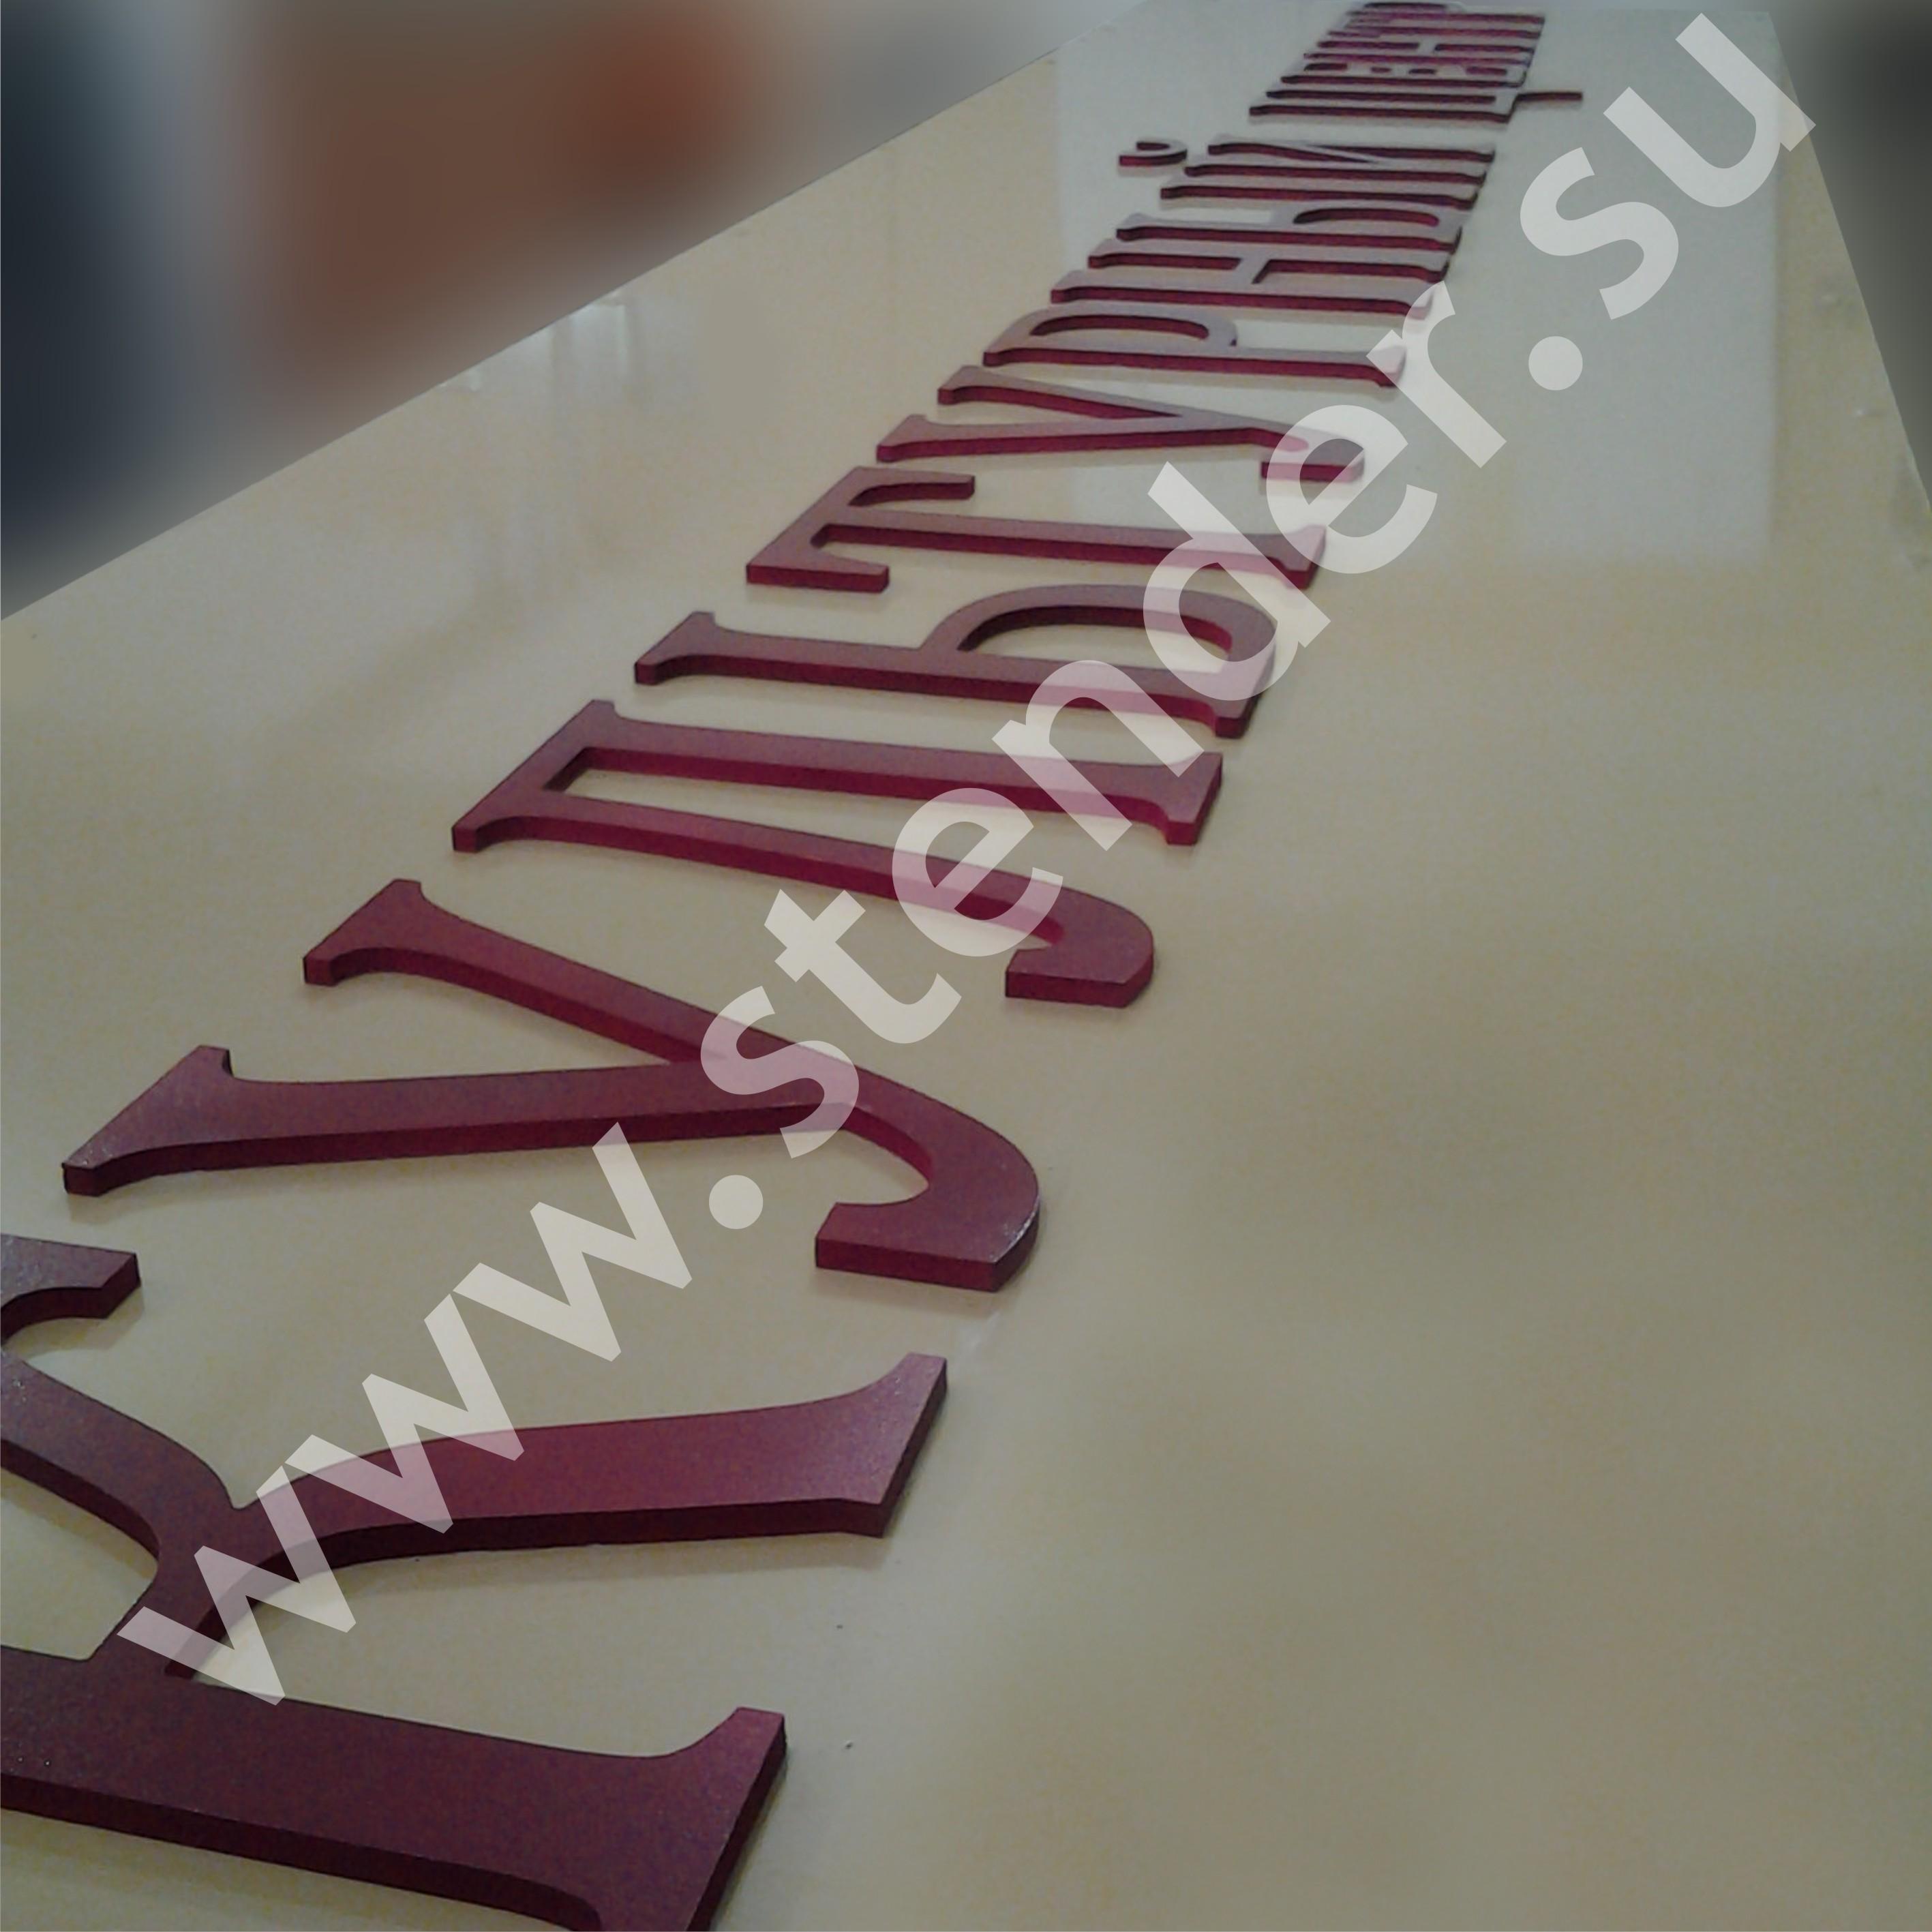 Вывеска несветовая из композитного материала с объемными буквами в окрасе(из пвх 5мм)